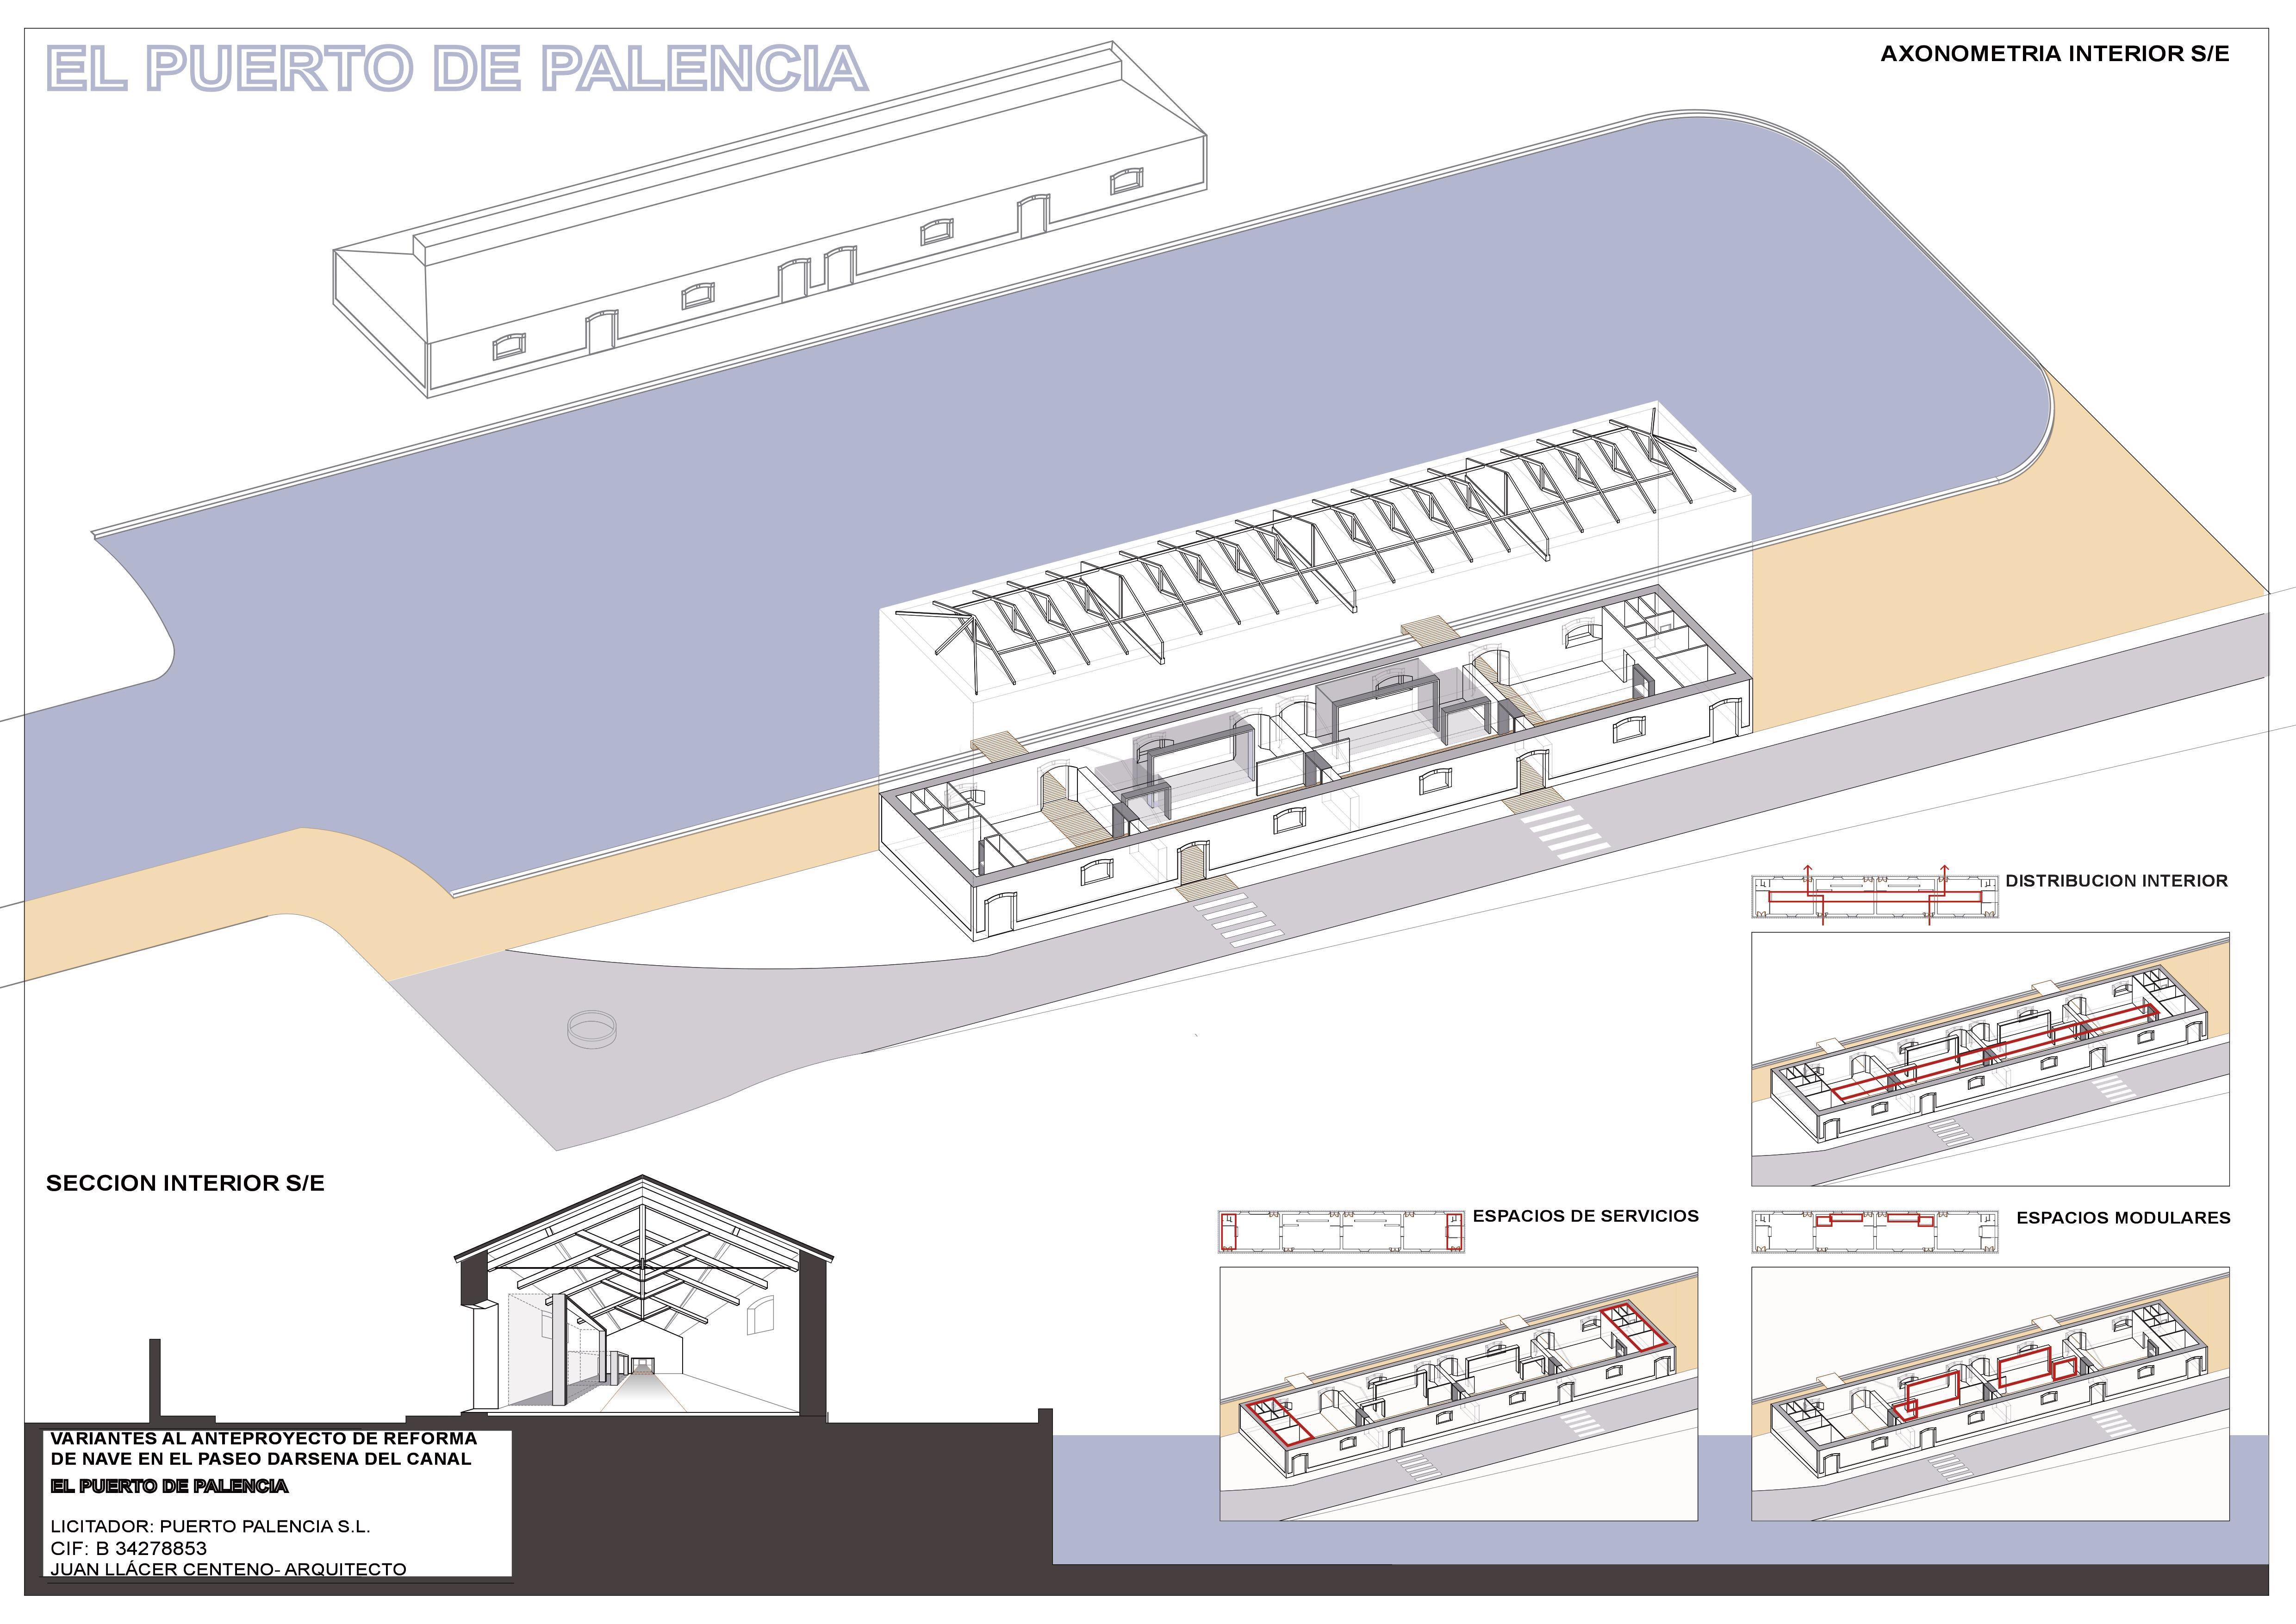 Proyecto de Ocio en la Dársena del Canal de Castilla de Palencia